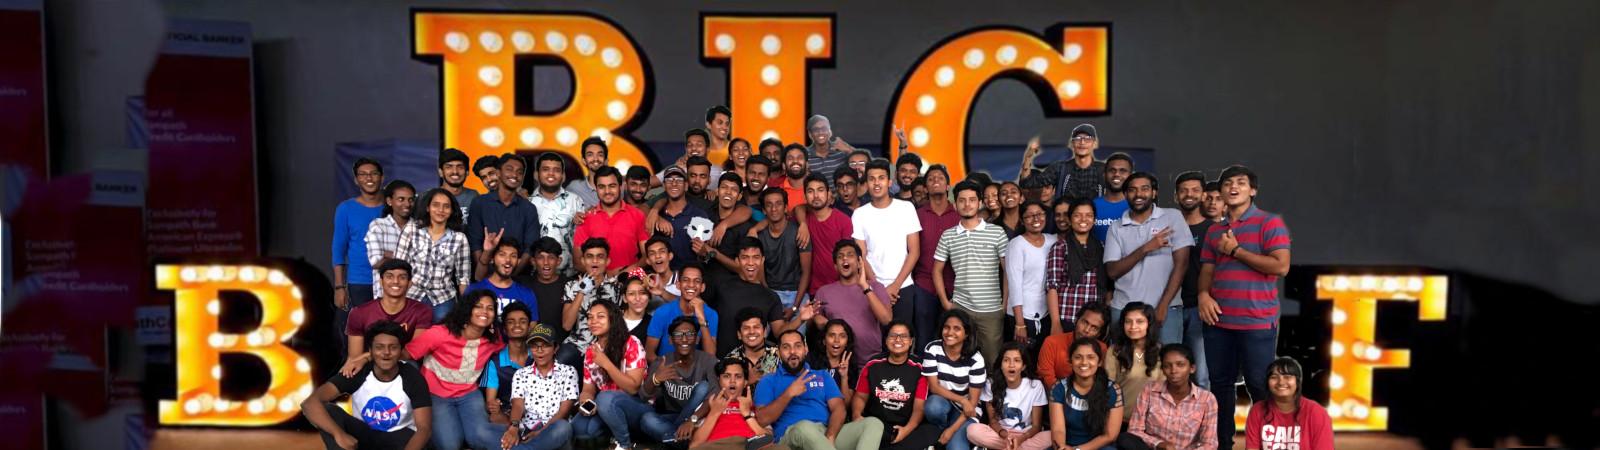 Recruitment Services Sri Lanka